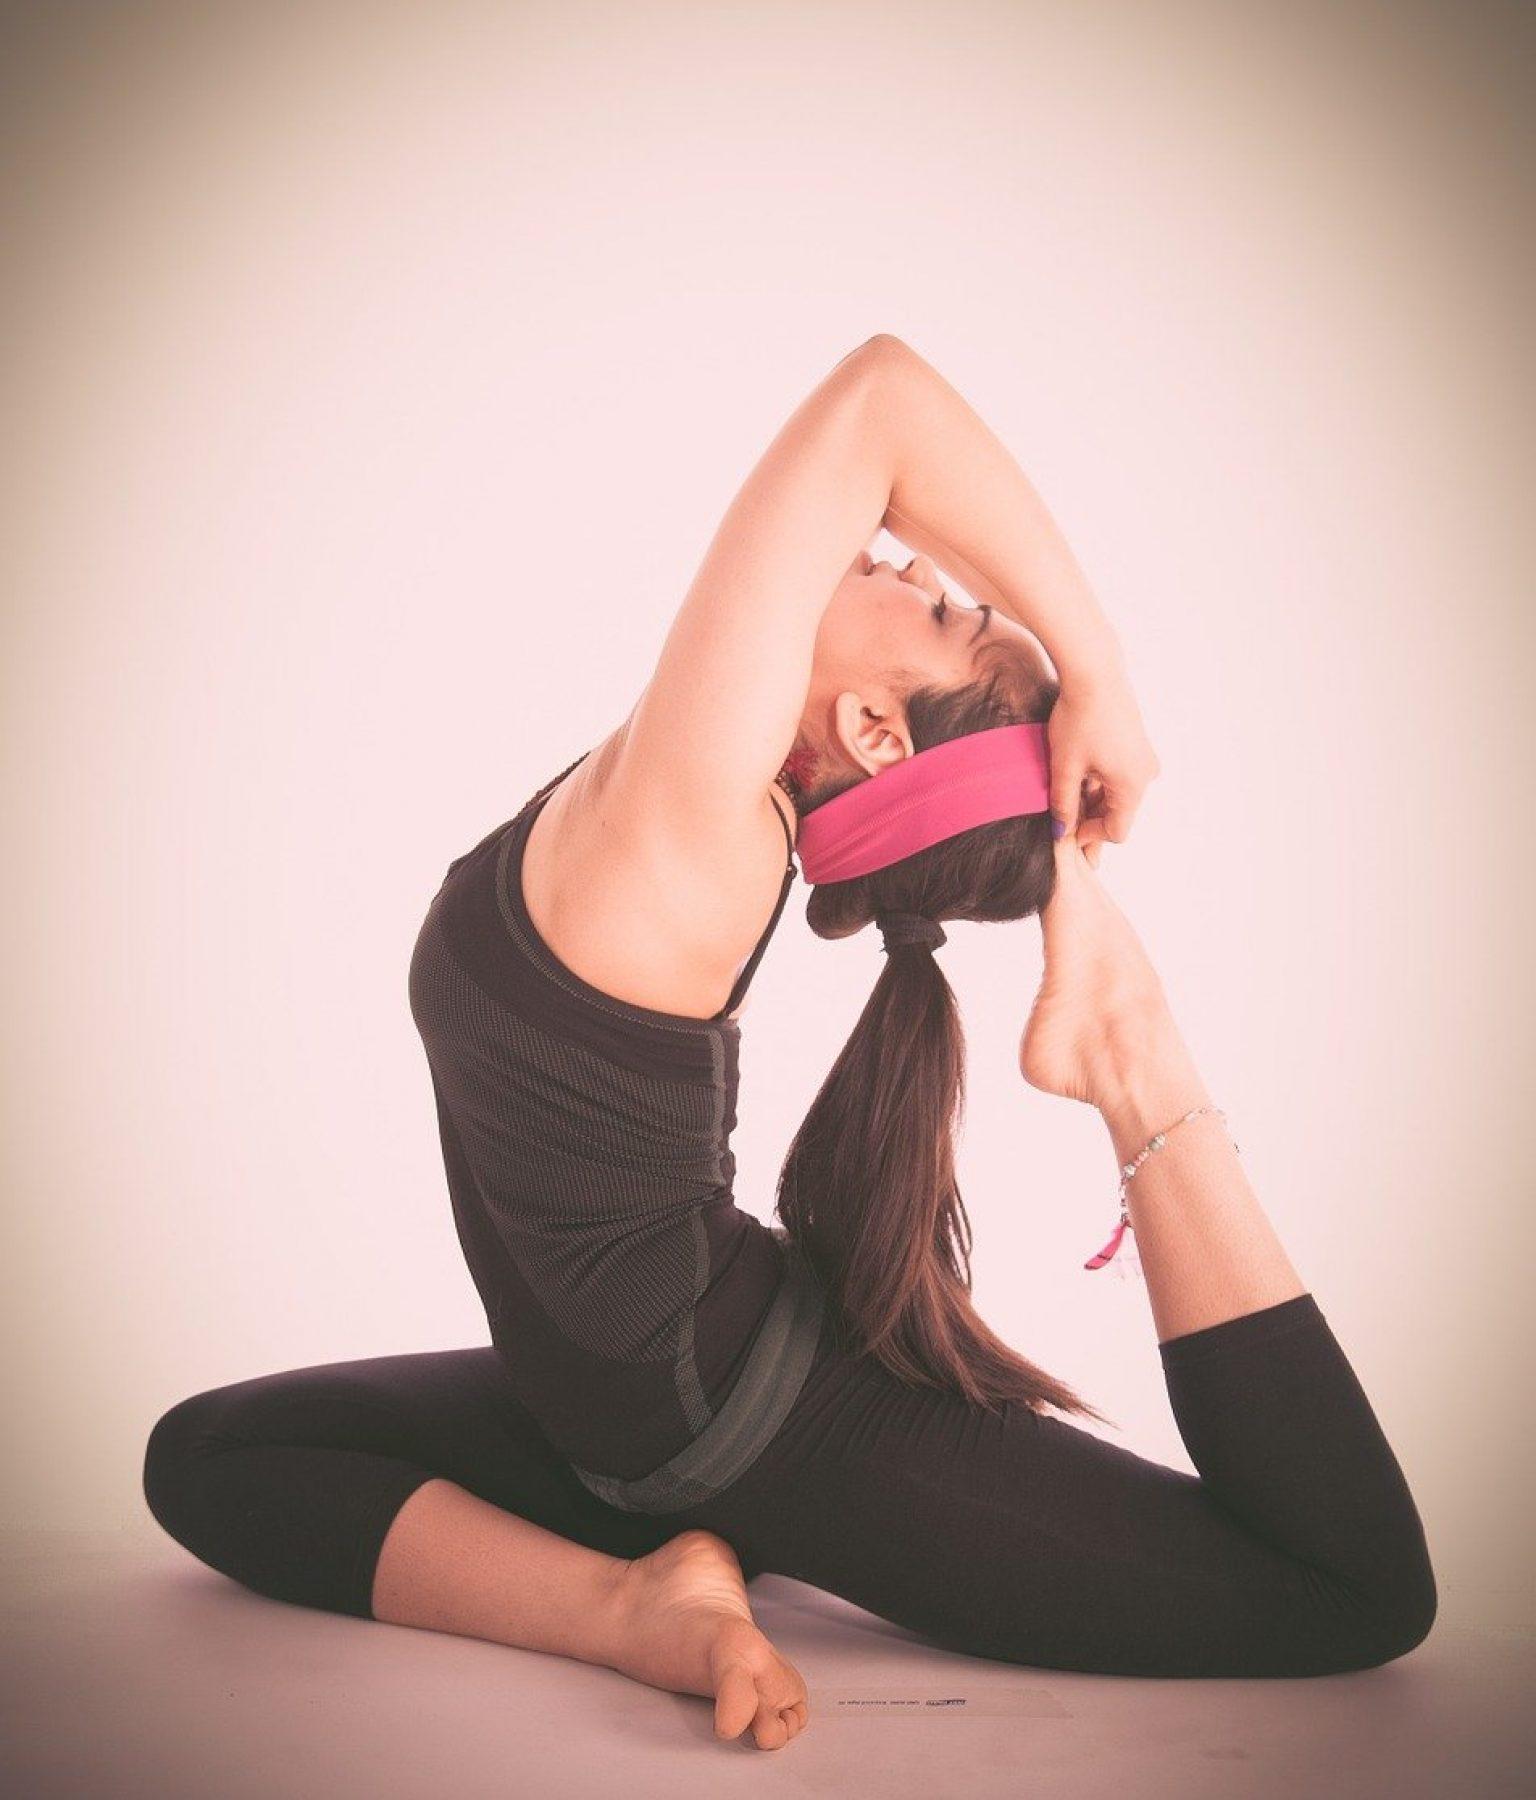 woman, gymnastics, yoga-1284656.jpg